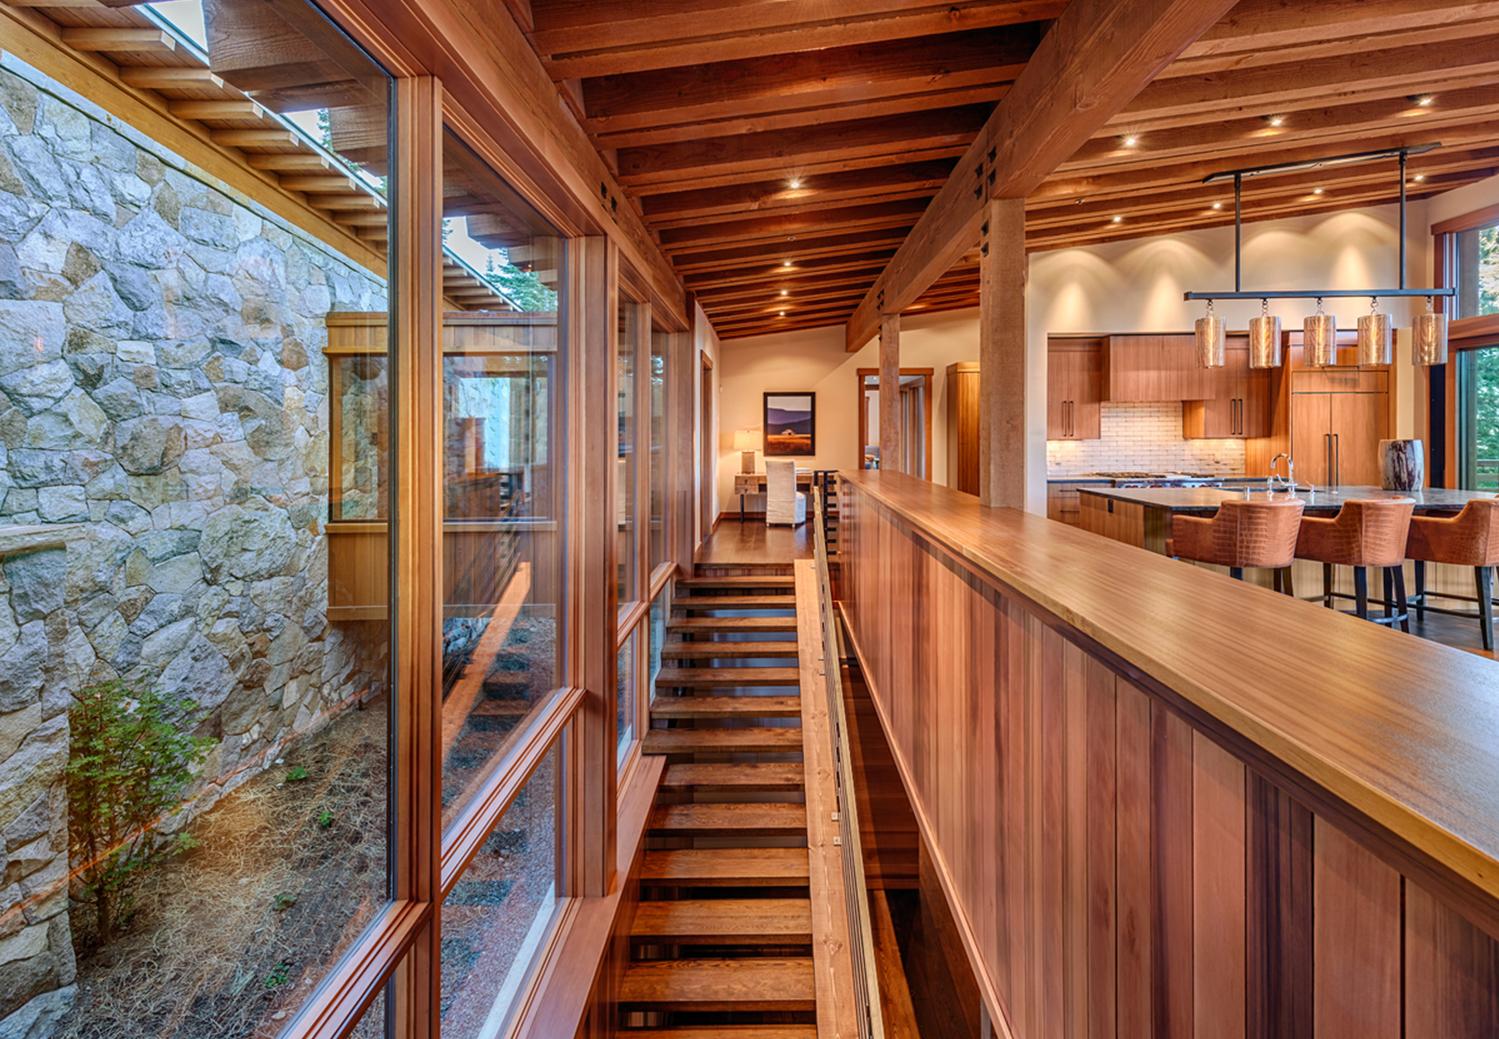 Lot 43_Stair Entrance_Kitchen_Bridge.jpg